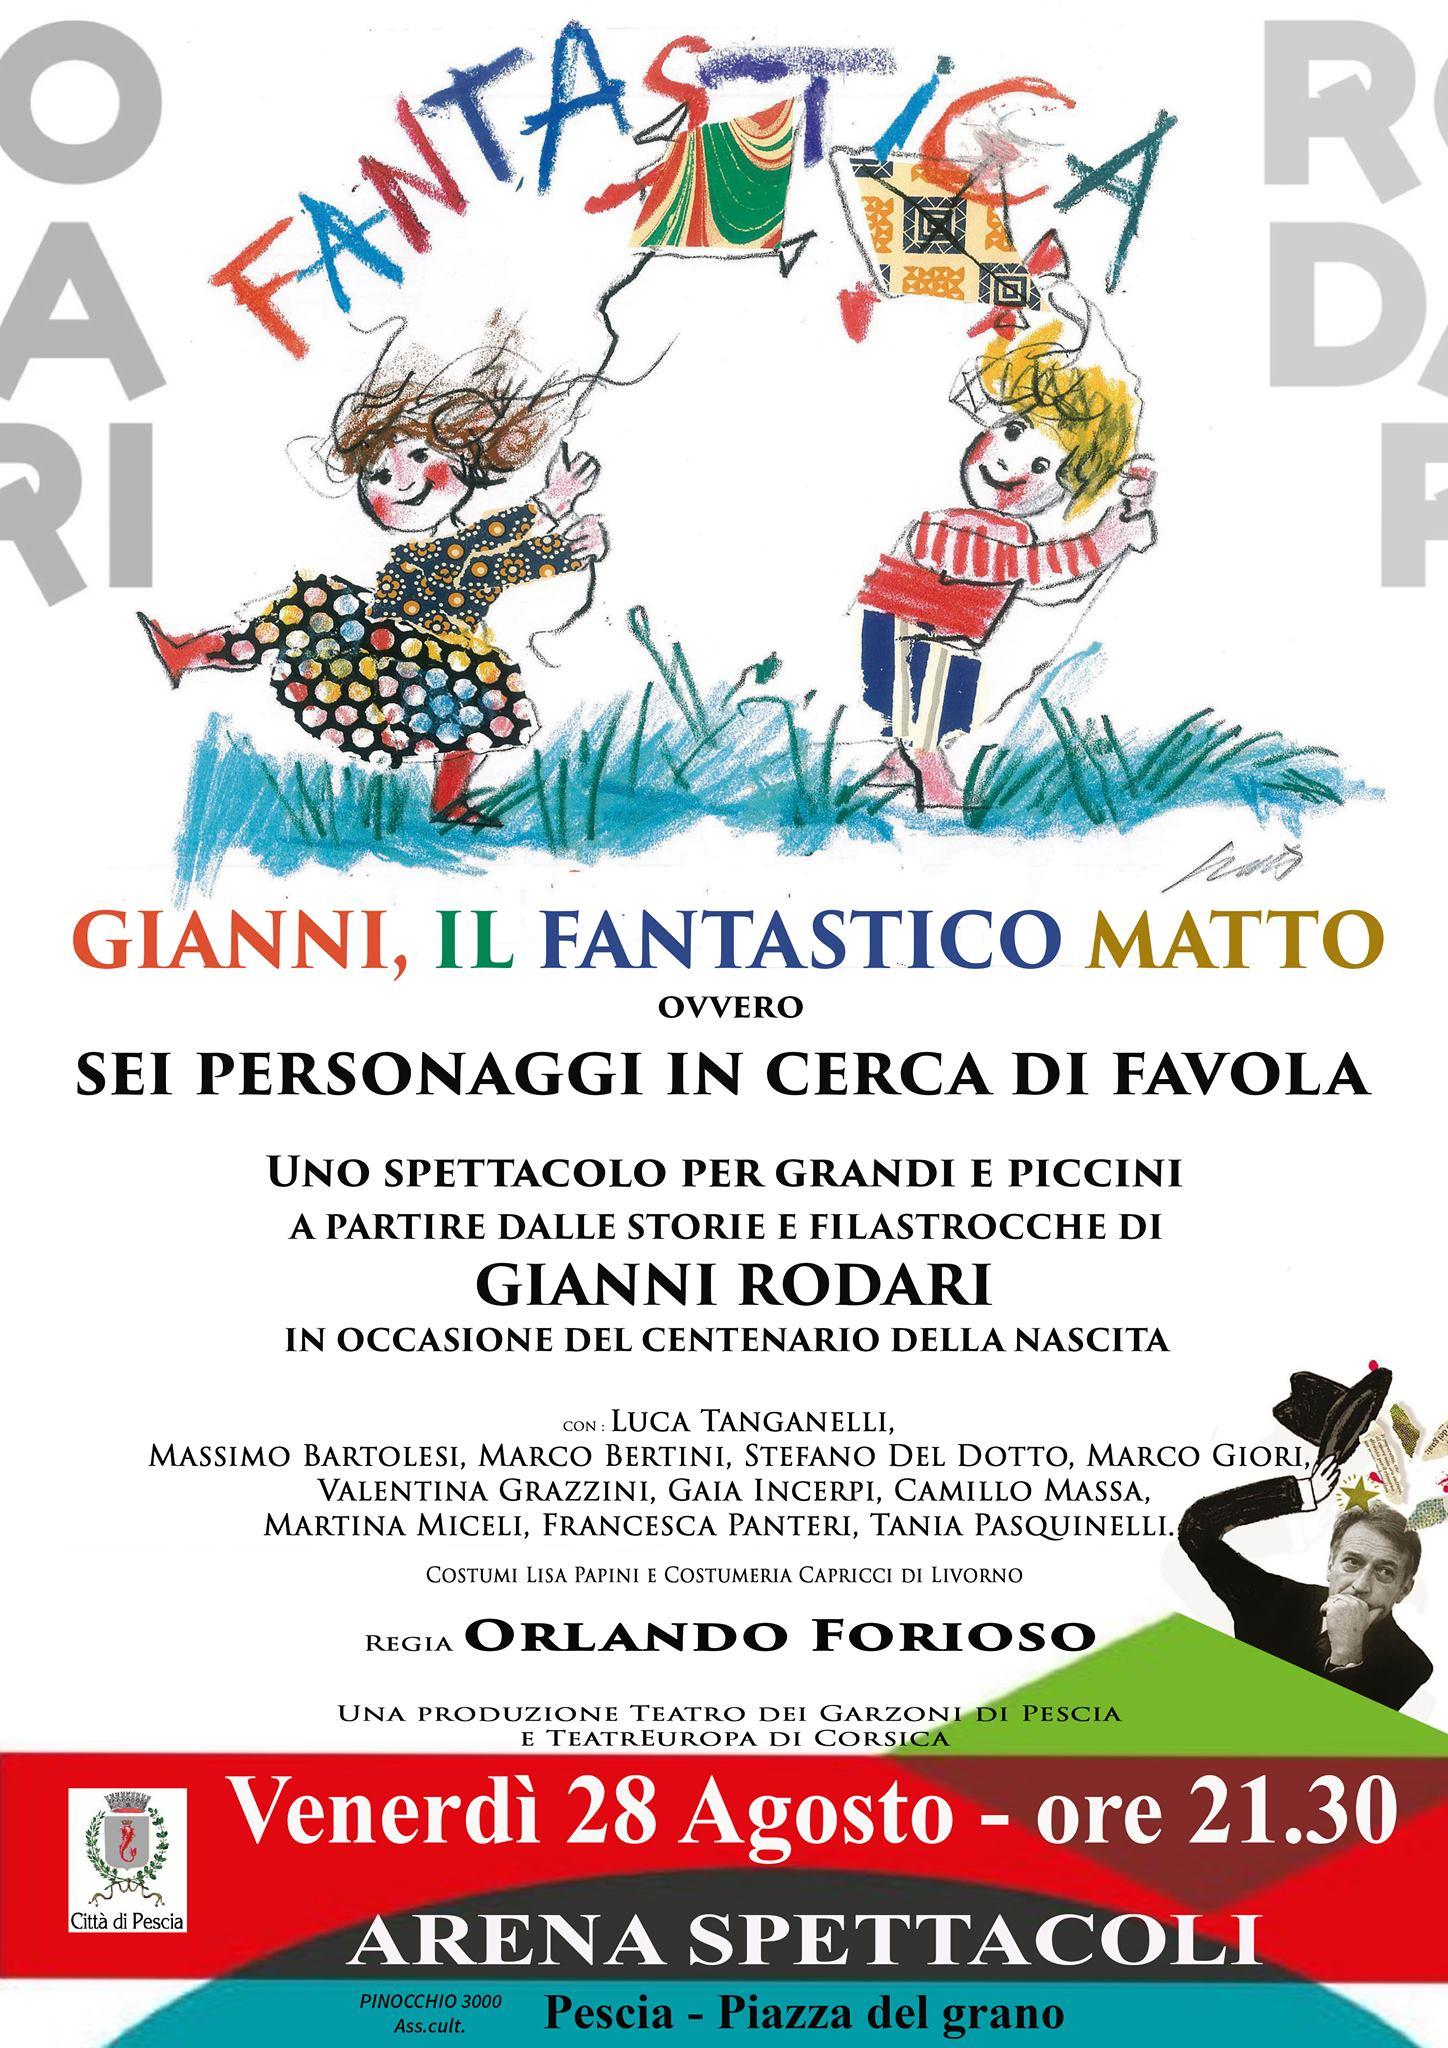 Gianni Rodari, Il Fantastico Matto